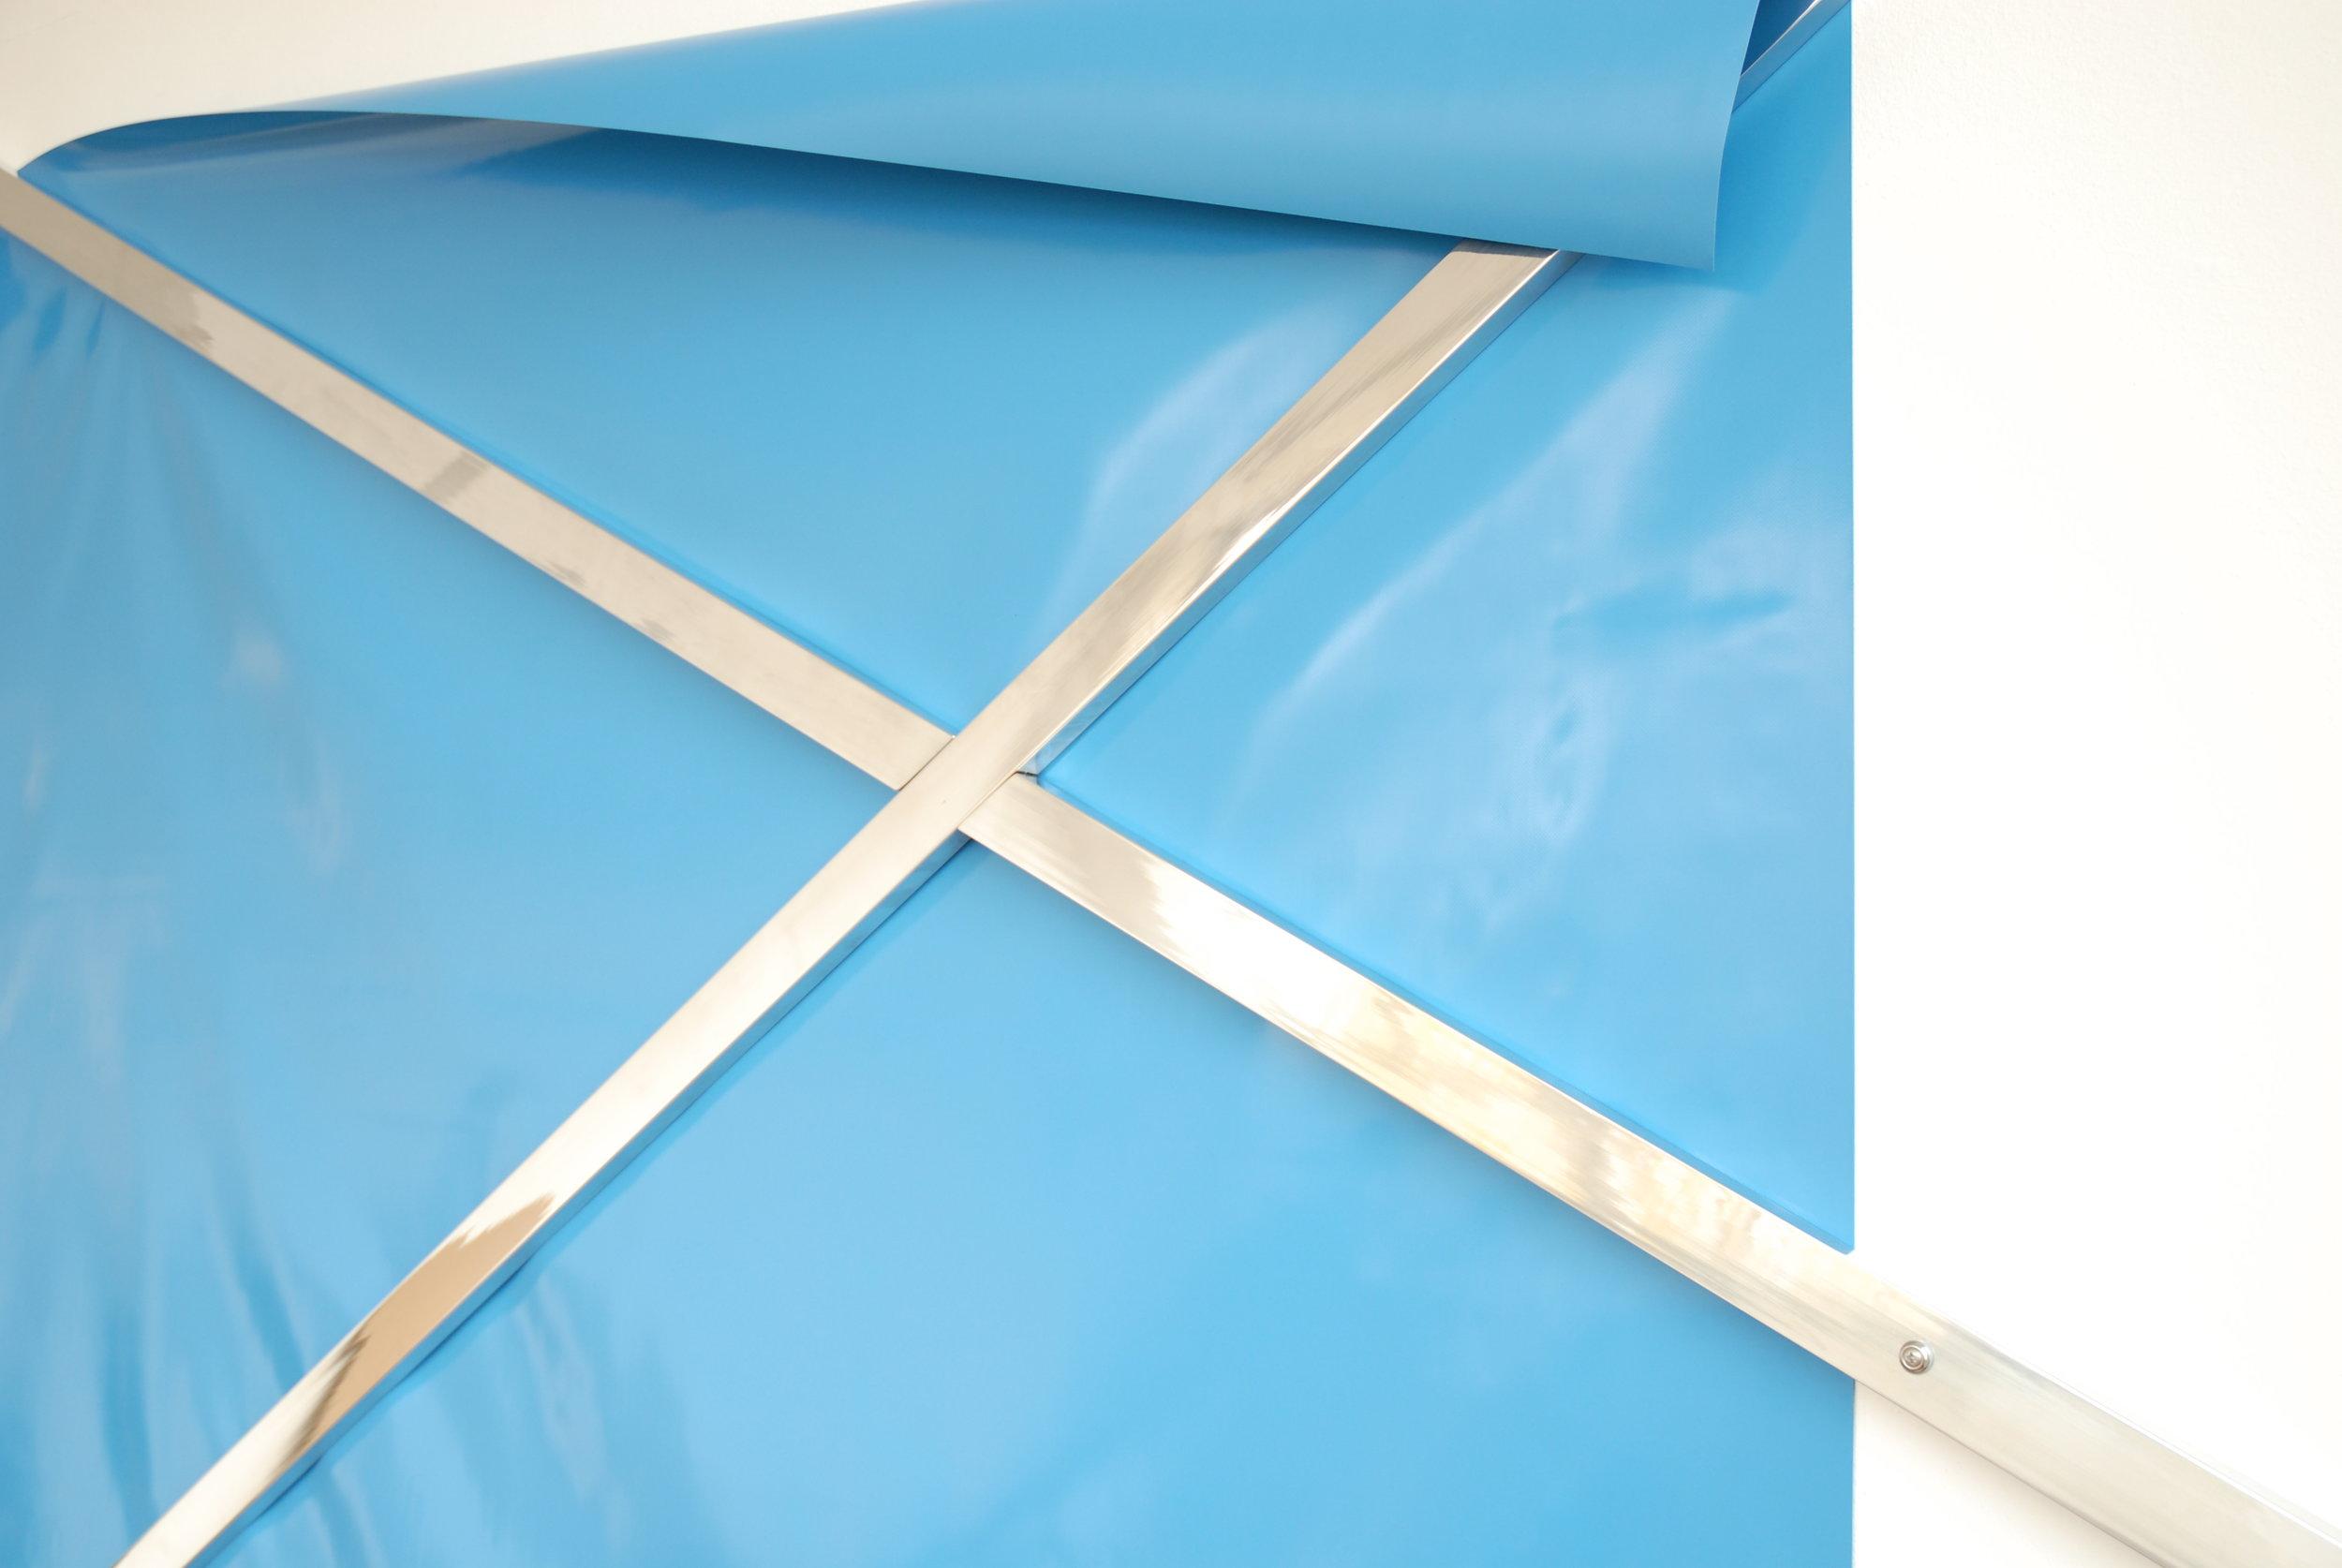 o.T. (untitled), 2009, PVC tarpaulin, water blue (218 x 218 cm), aluminum, polished (300 x 5 x 2 cm), 235 x 290 x 2 cm,  Image: Kirstin Arndt